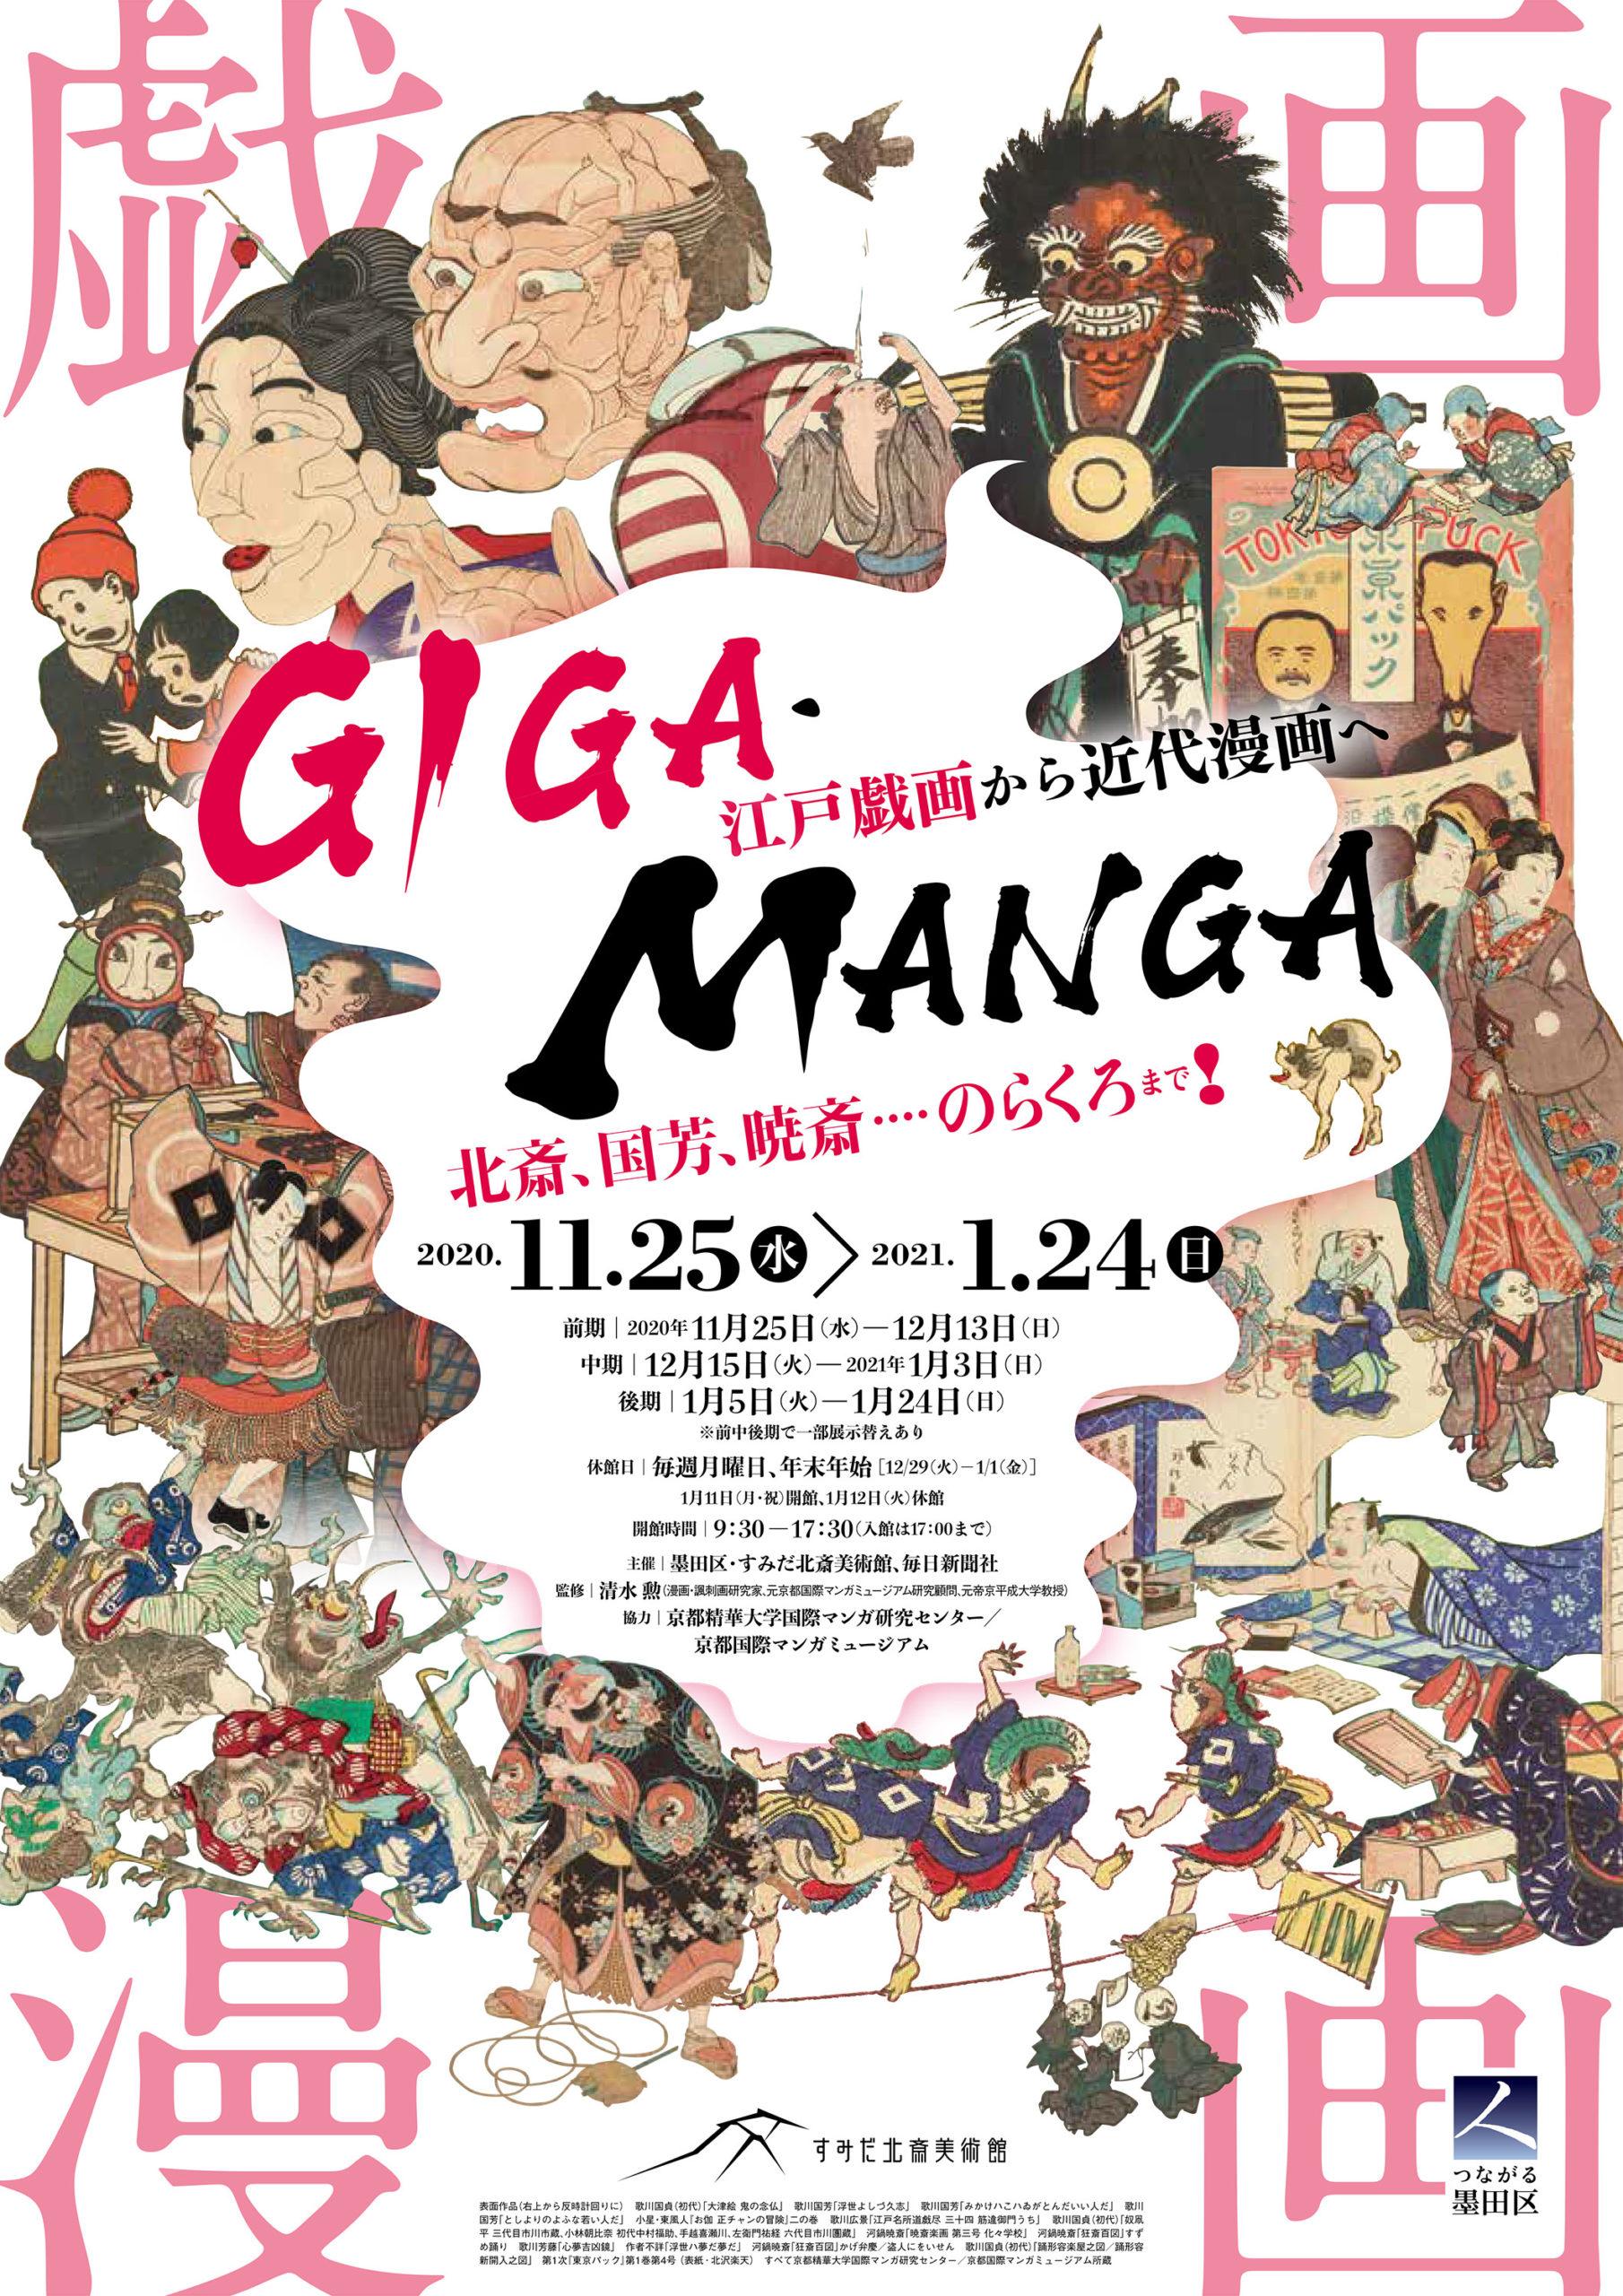 【東京】GIGA・MANGA 江戸戯画から近代漫画へ:2020年11月25日(水)〜2021年1月24日(日)